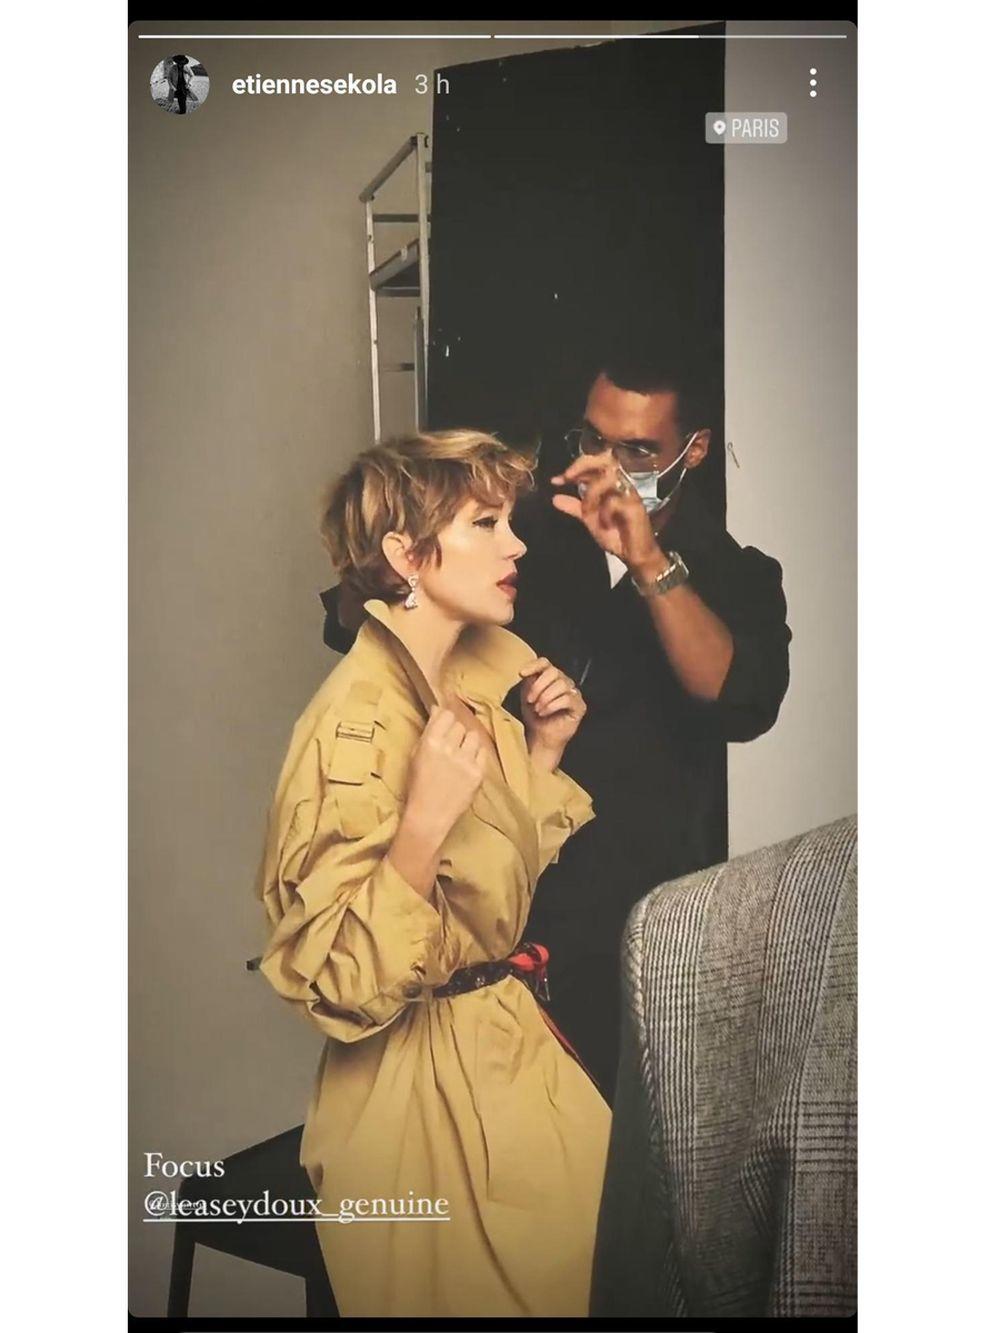 La actriz Léa Seydoux cambiando su look de pelo corto junto a Étienne Sekola.